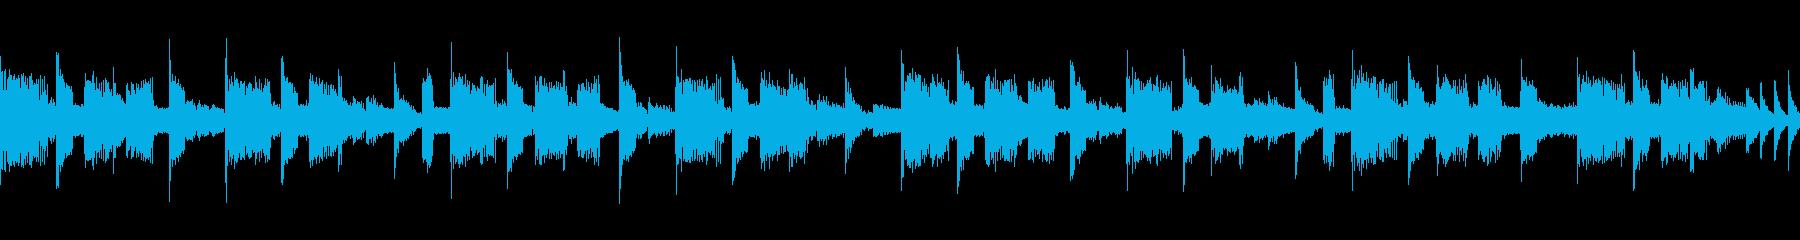 RPG ゲーム ループ ロボットの楽し歌の再生済みの波形